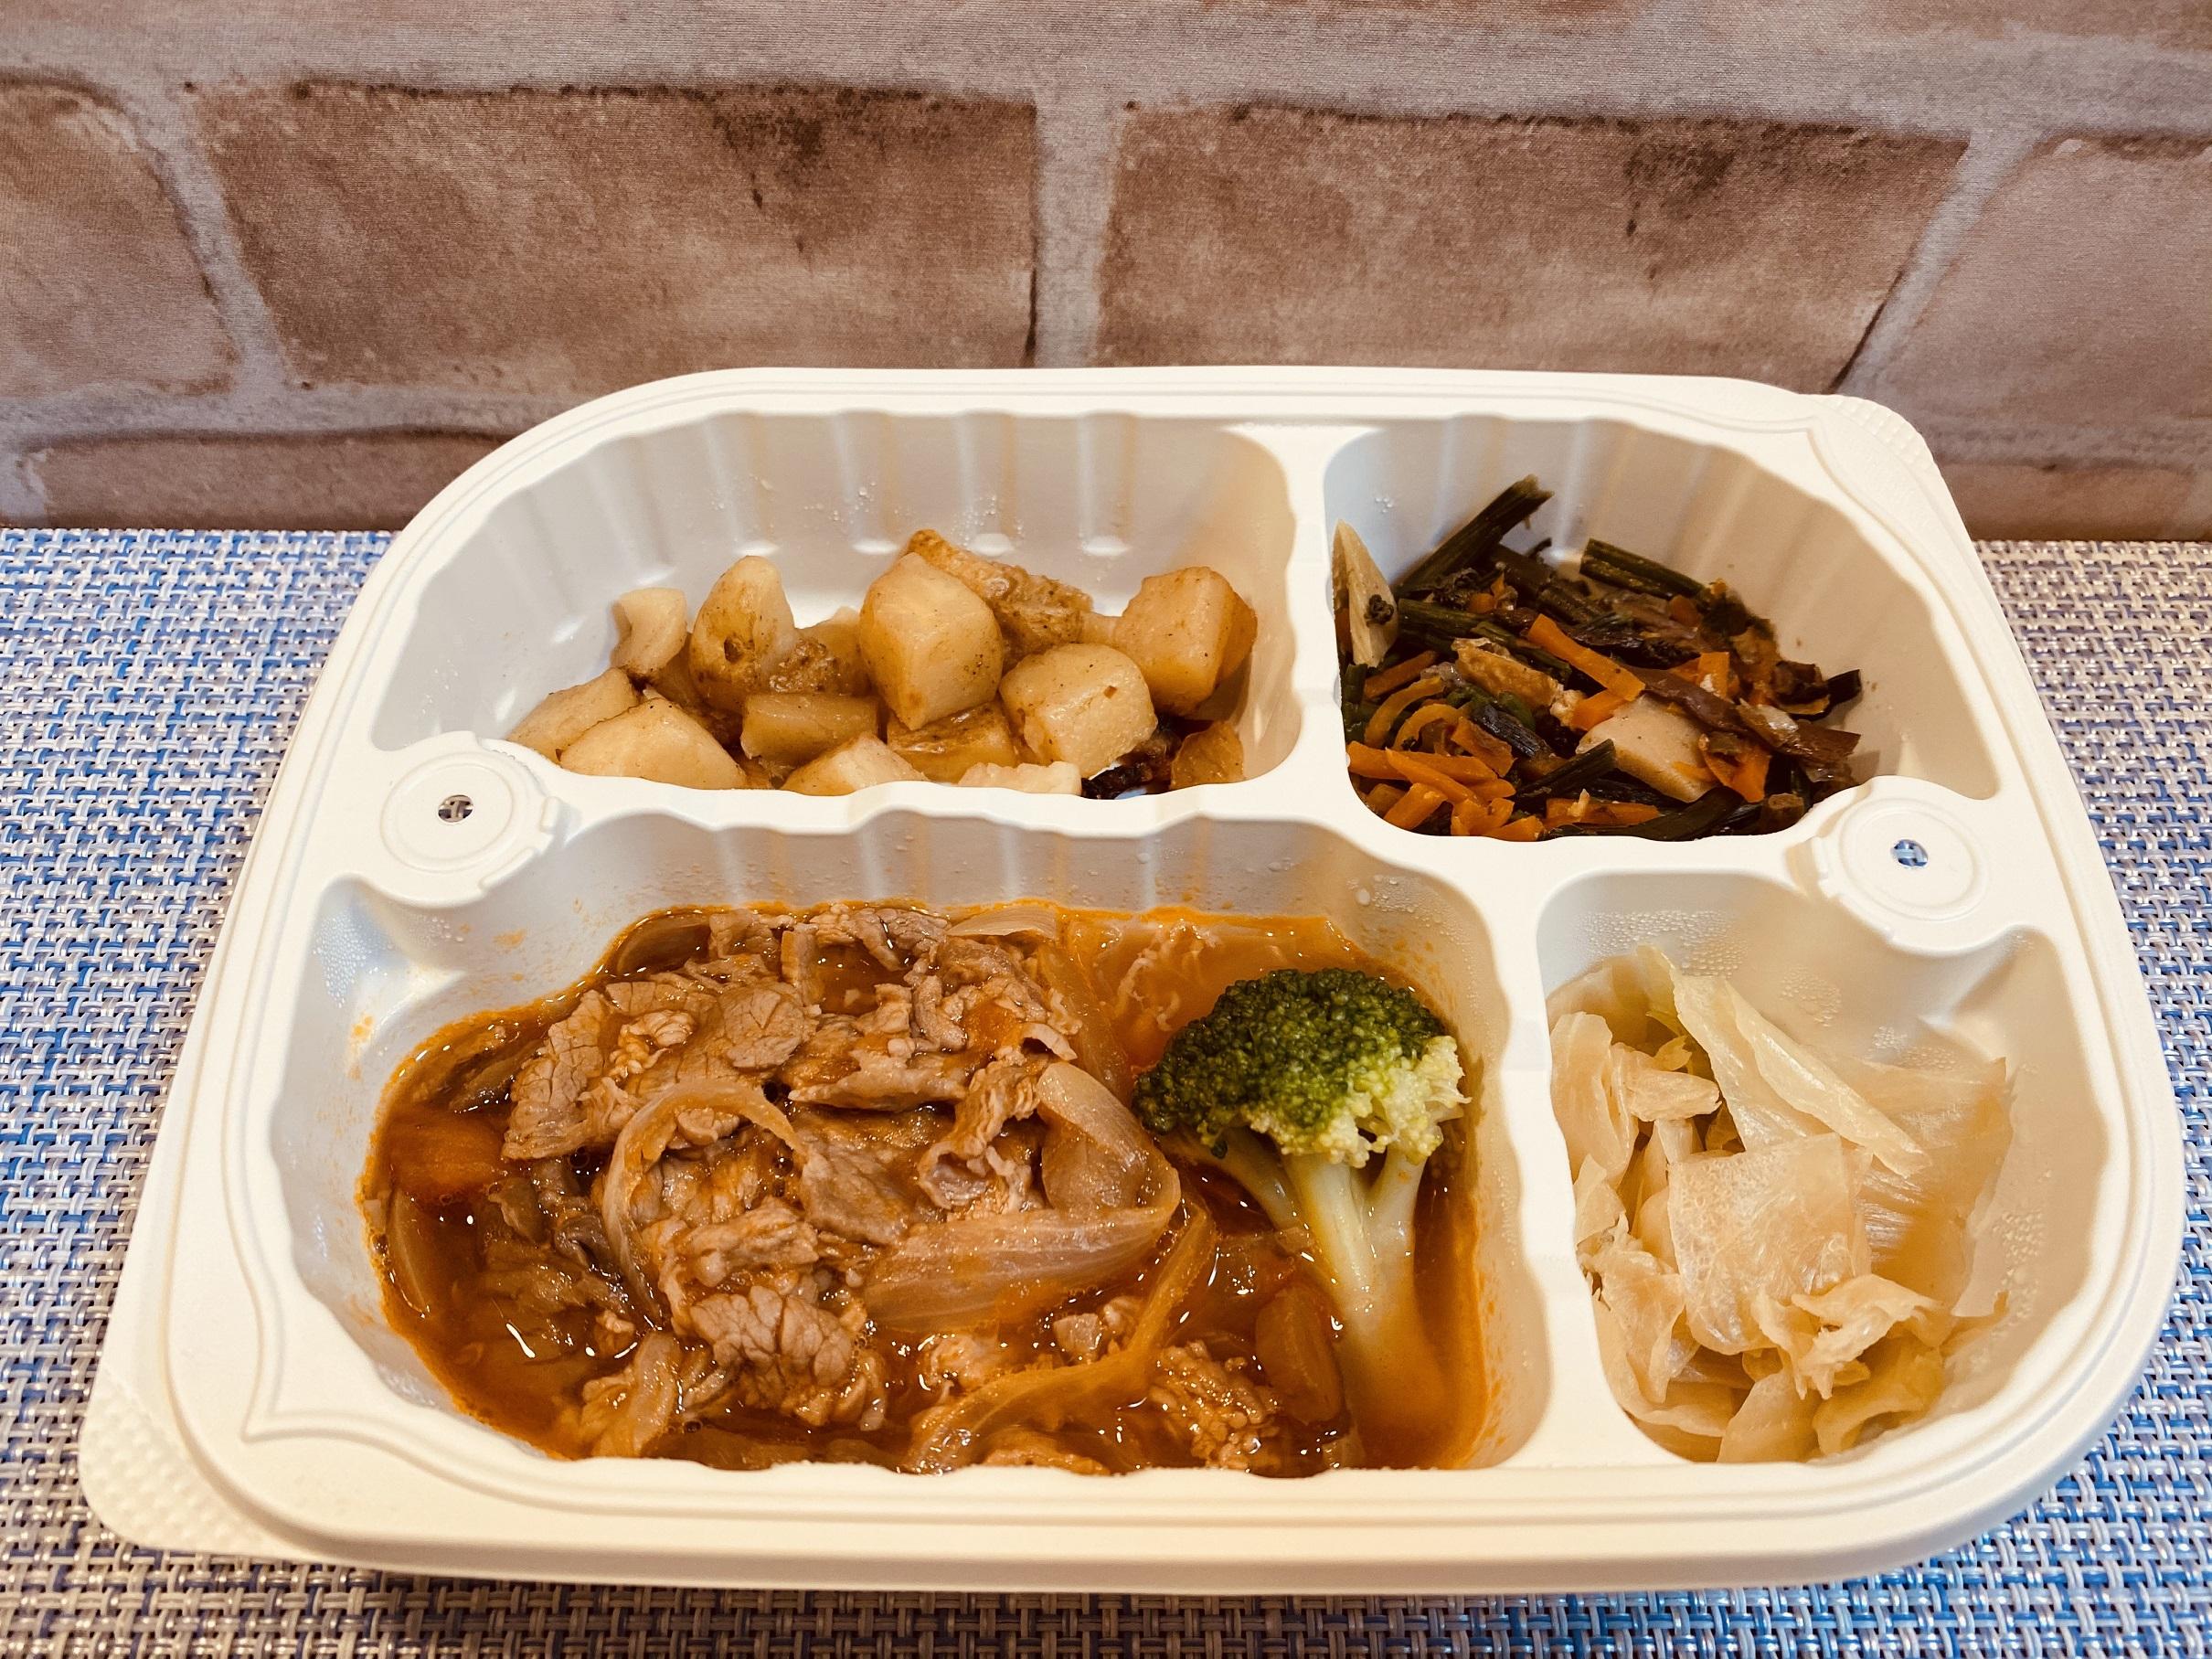 (メニューの一例)牛肉の赤ワイン煮、ジャーマンポテト、わらびとタケノコの煮物、キャベツの和え物